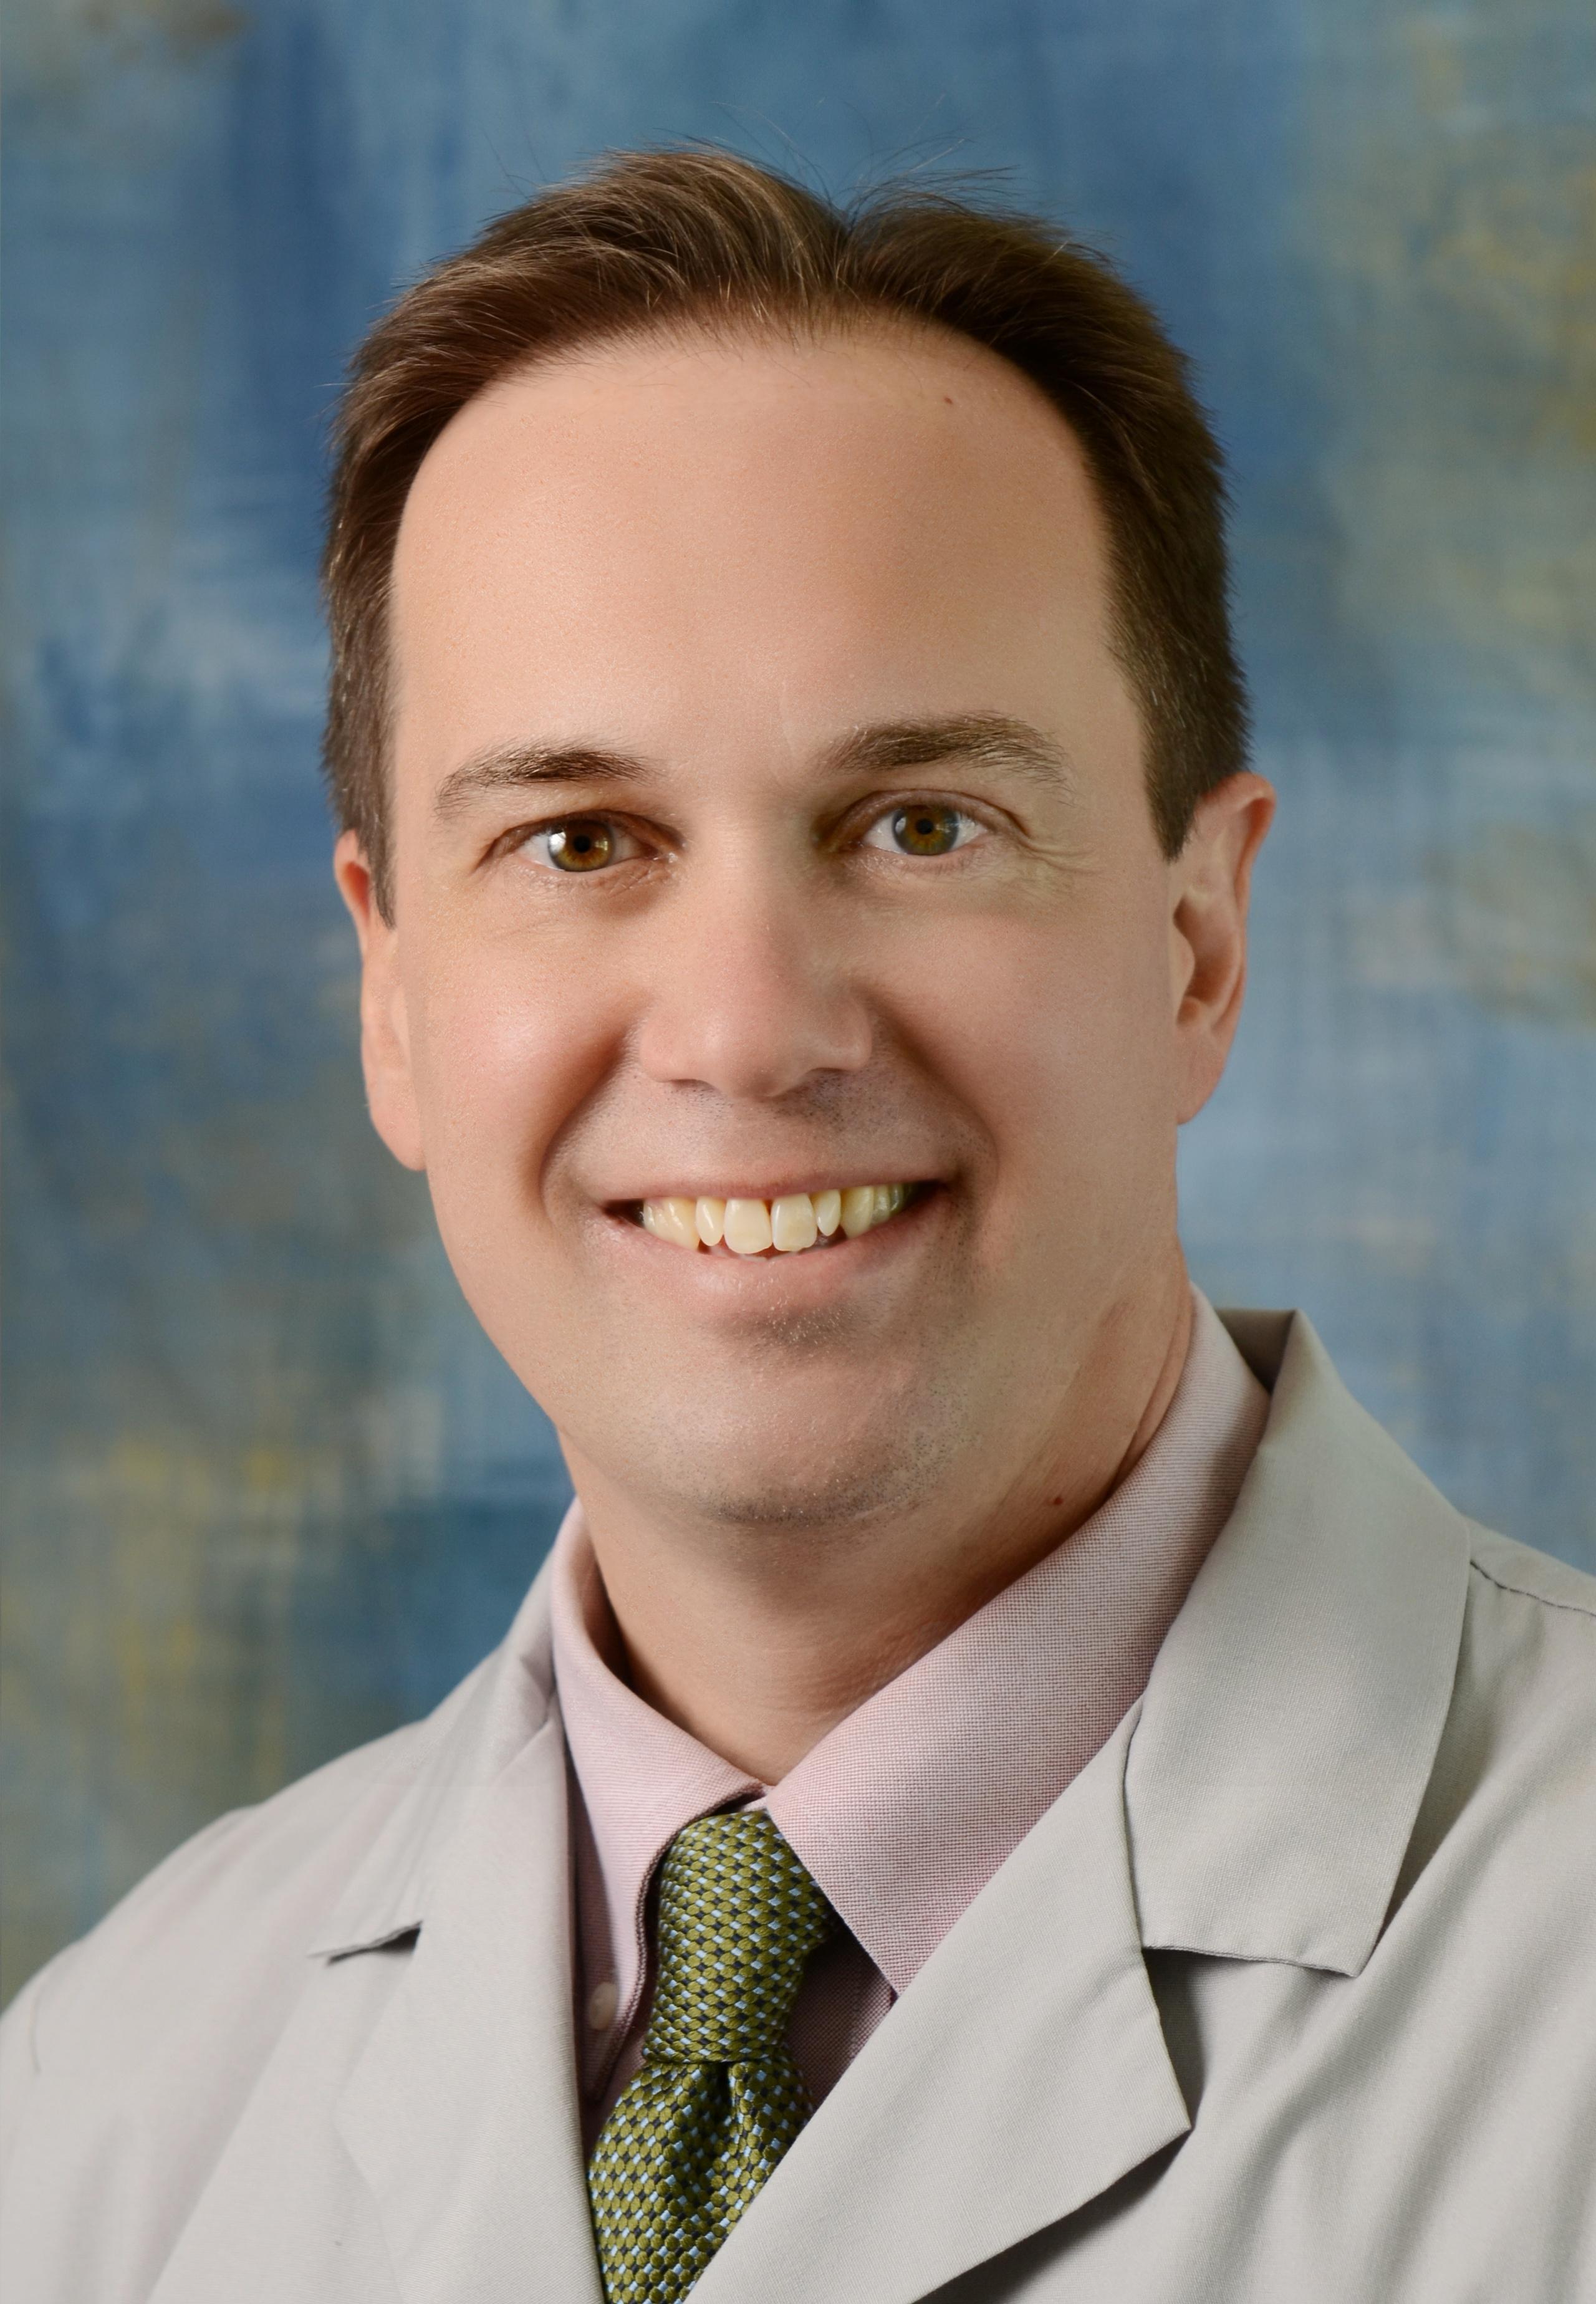 William E. Trick, MD